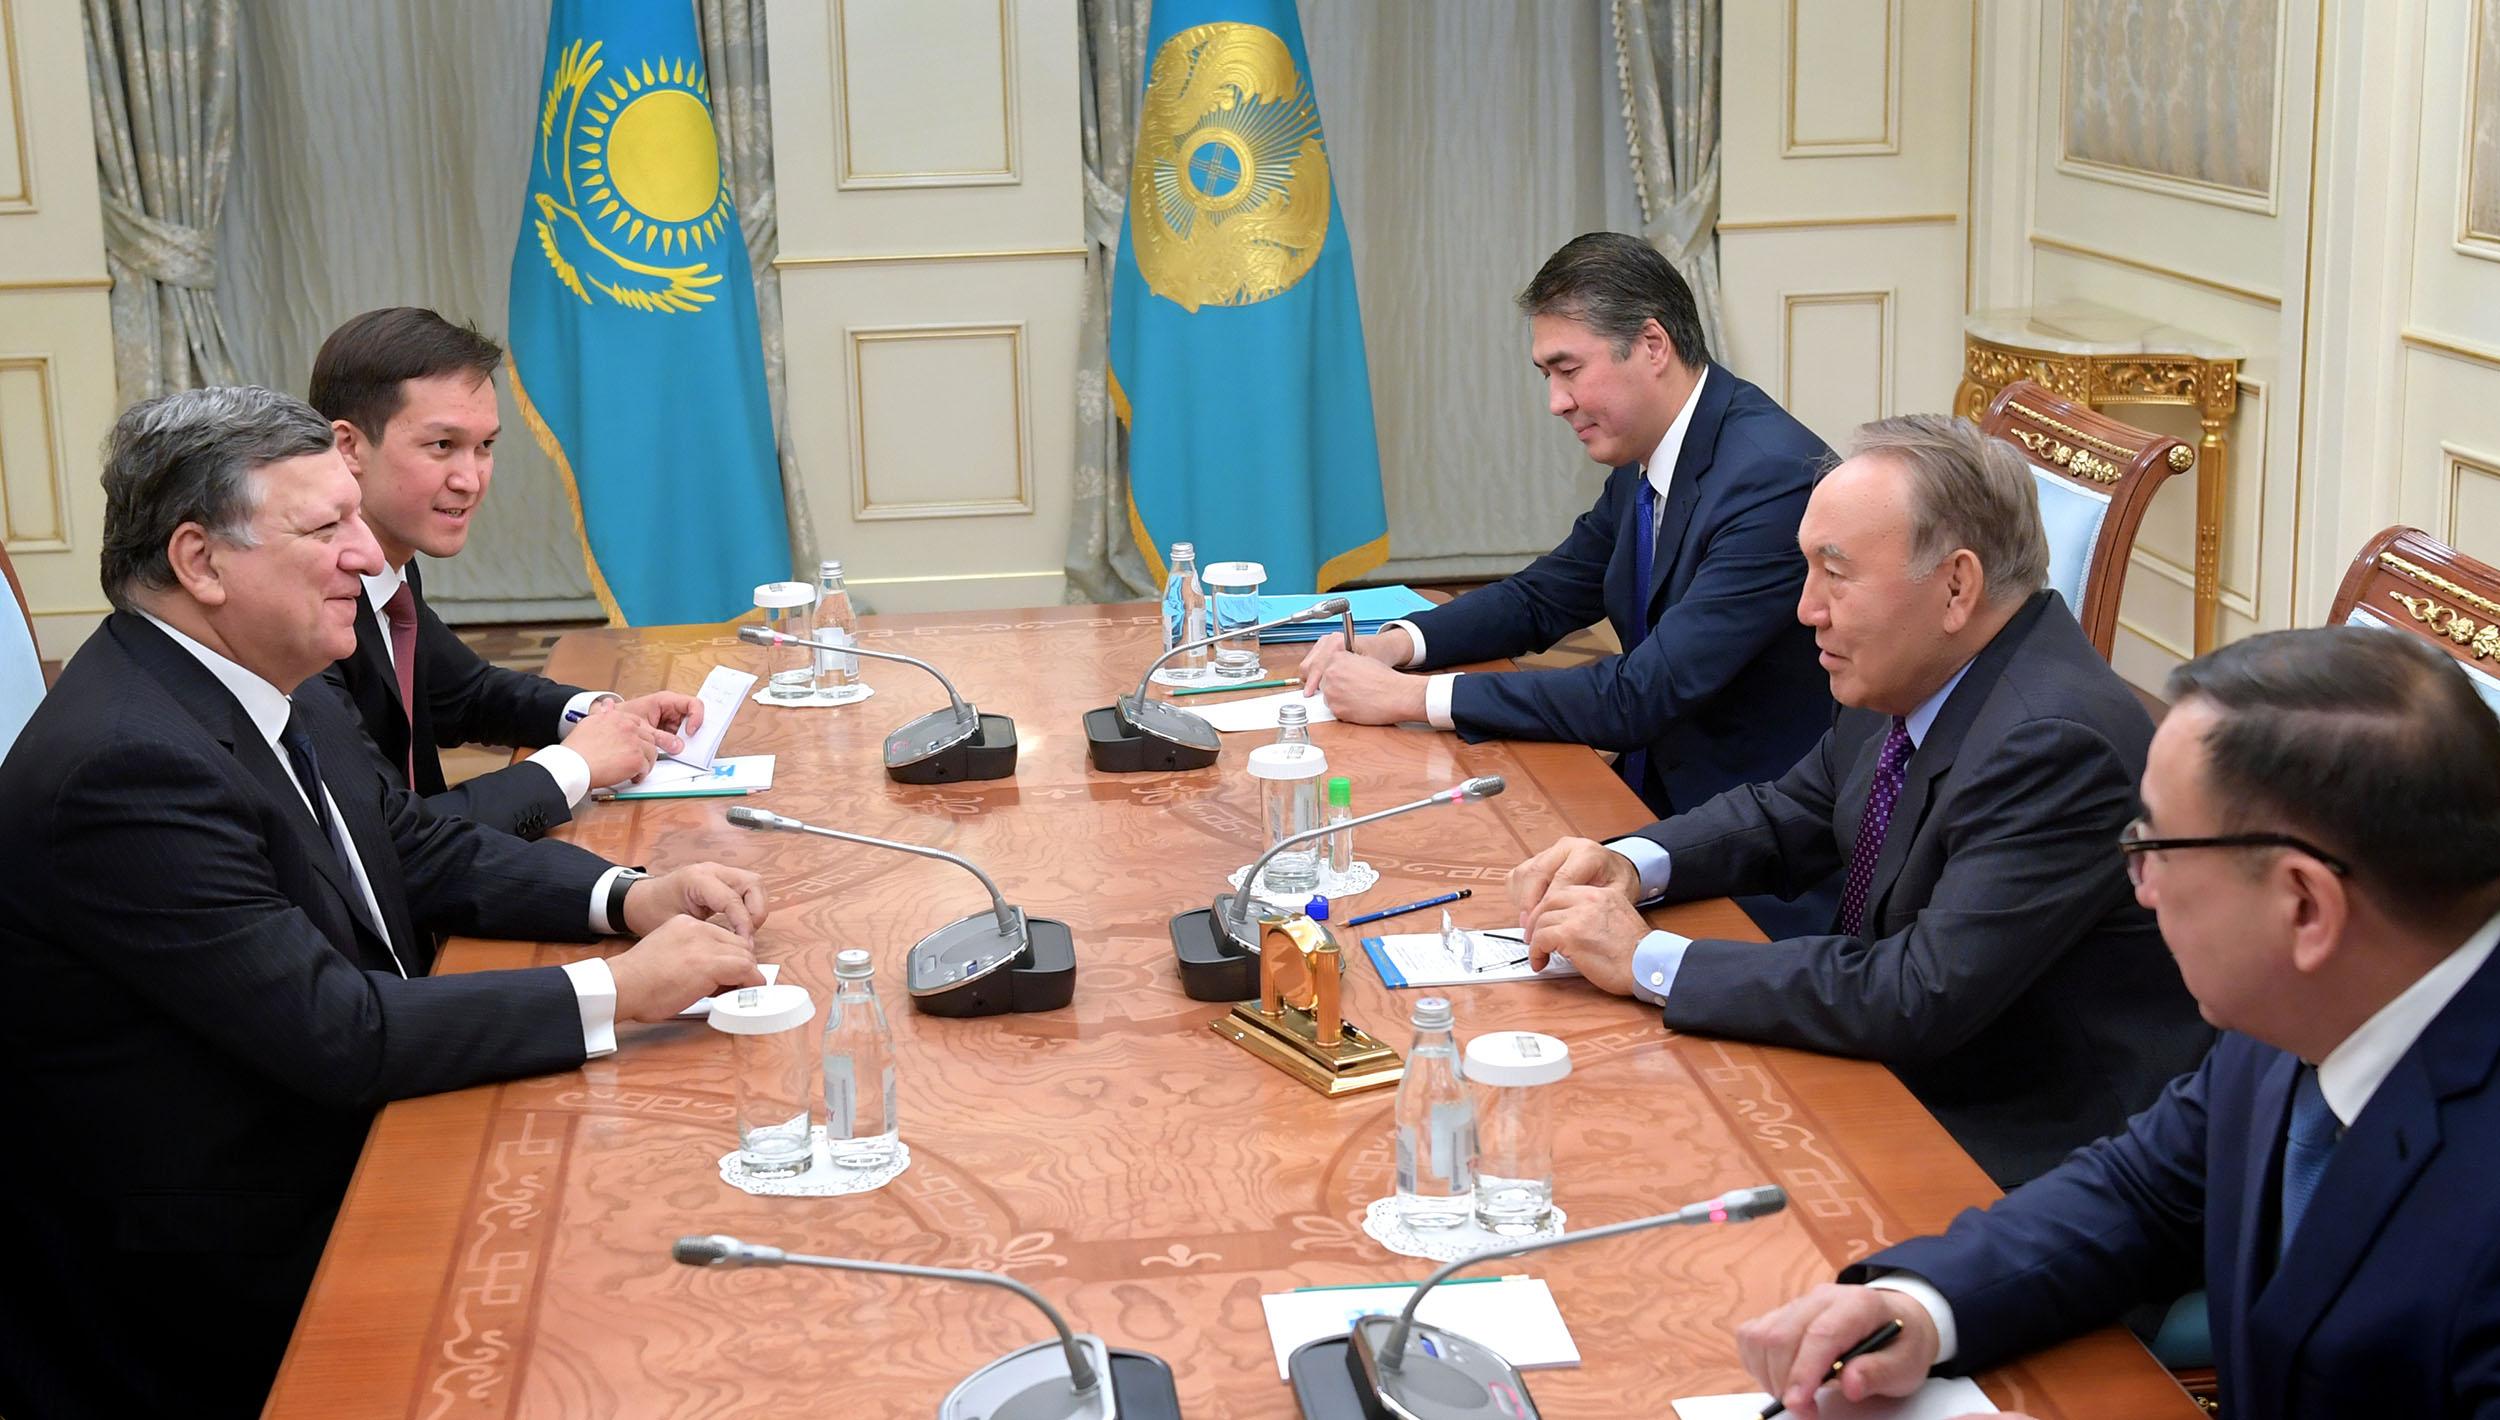 Нурсултан Назарбаев встретился с экс-председателем Еврокомиссии Жозе Мануэлем Баррозу